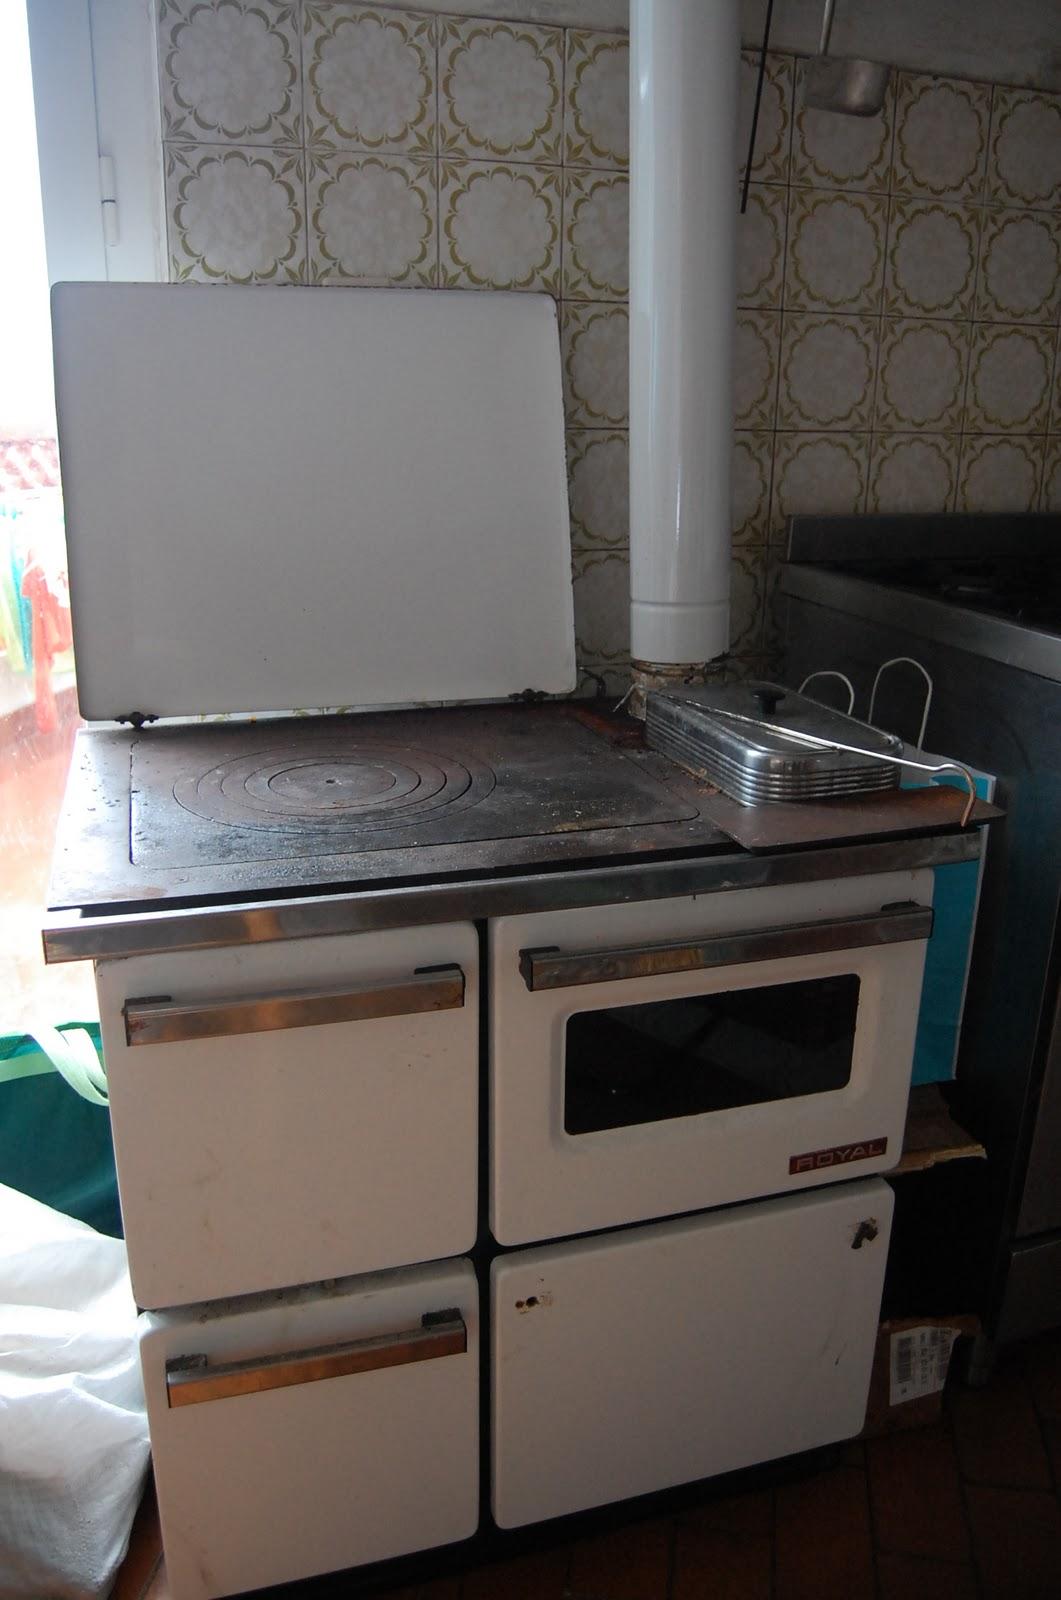 Ricerche correlate a cucine a gas usate piemonte car - Ritiro cucine usate ...